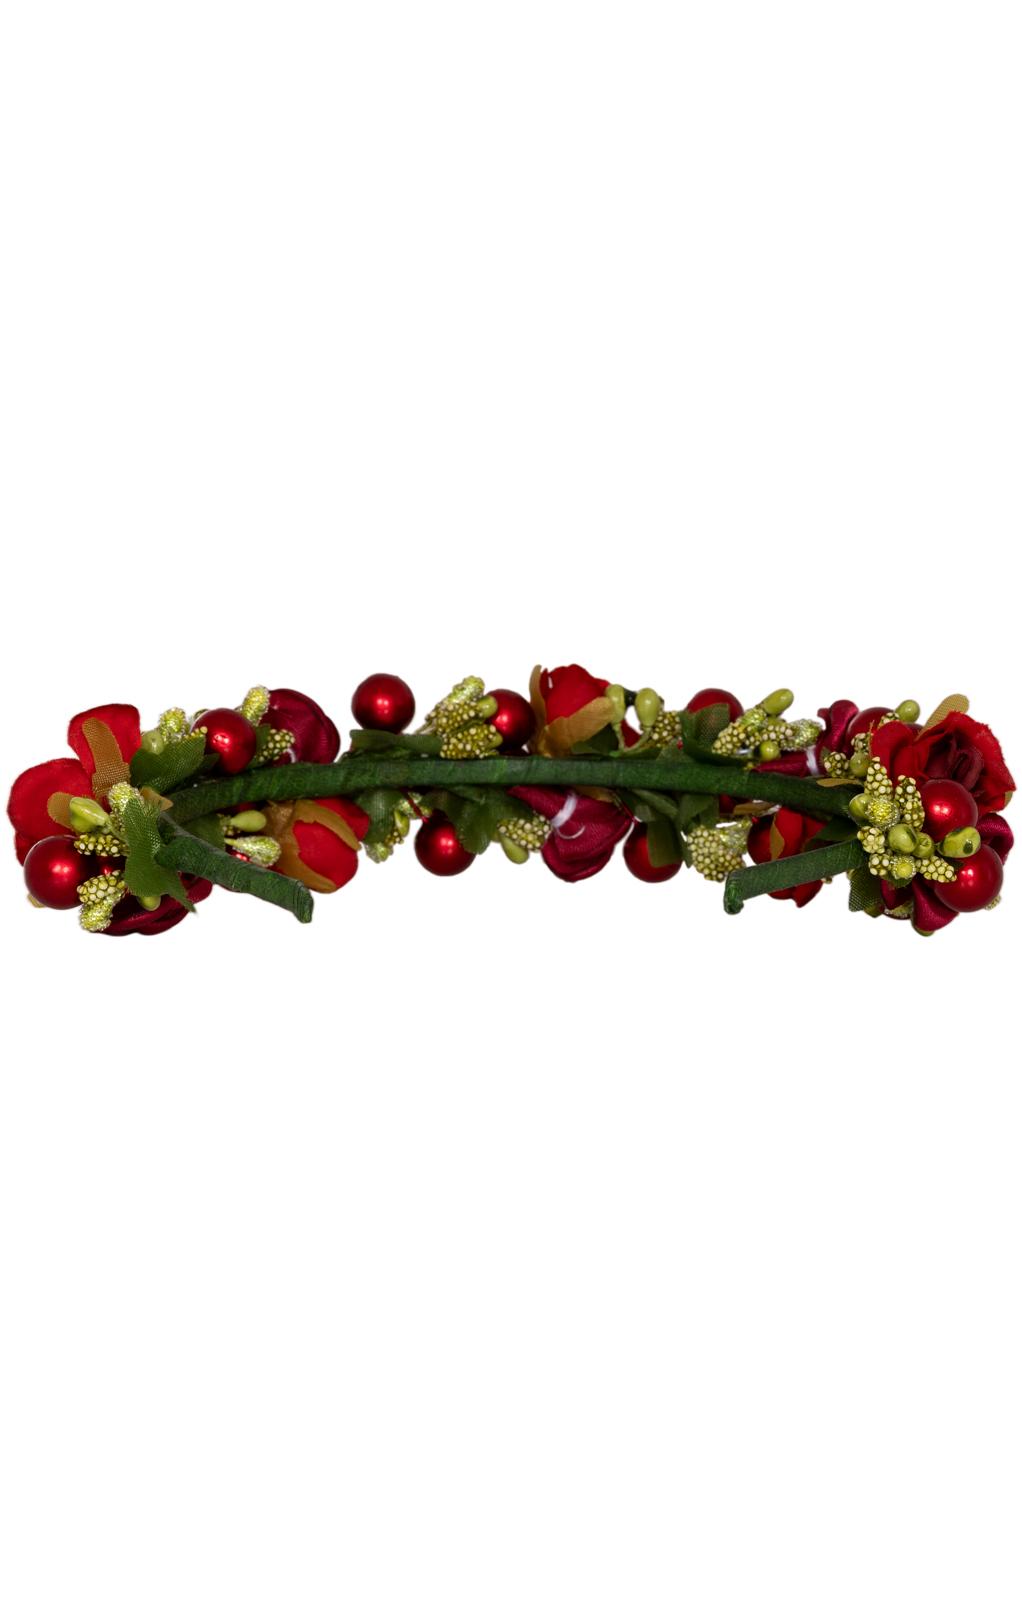 weitere Bilder von Haar- und Hutkranz KAROLINA 1040 rot grün